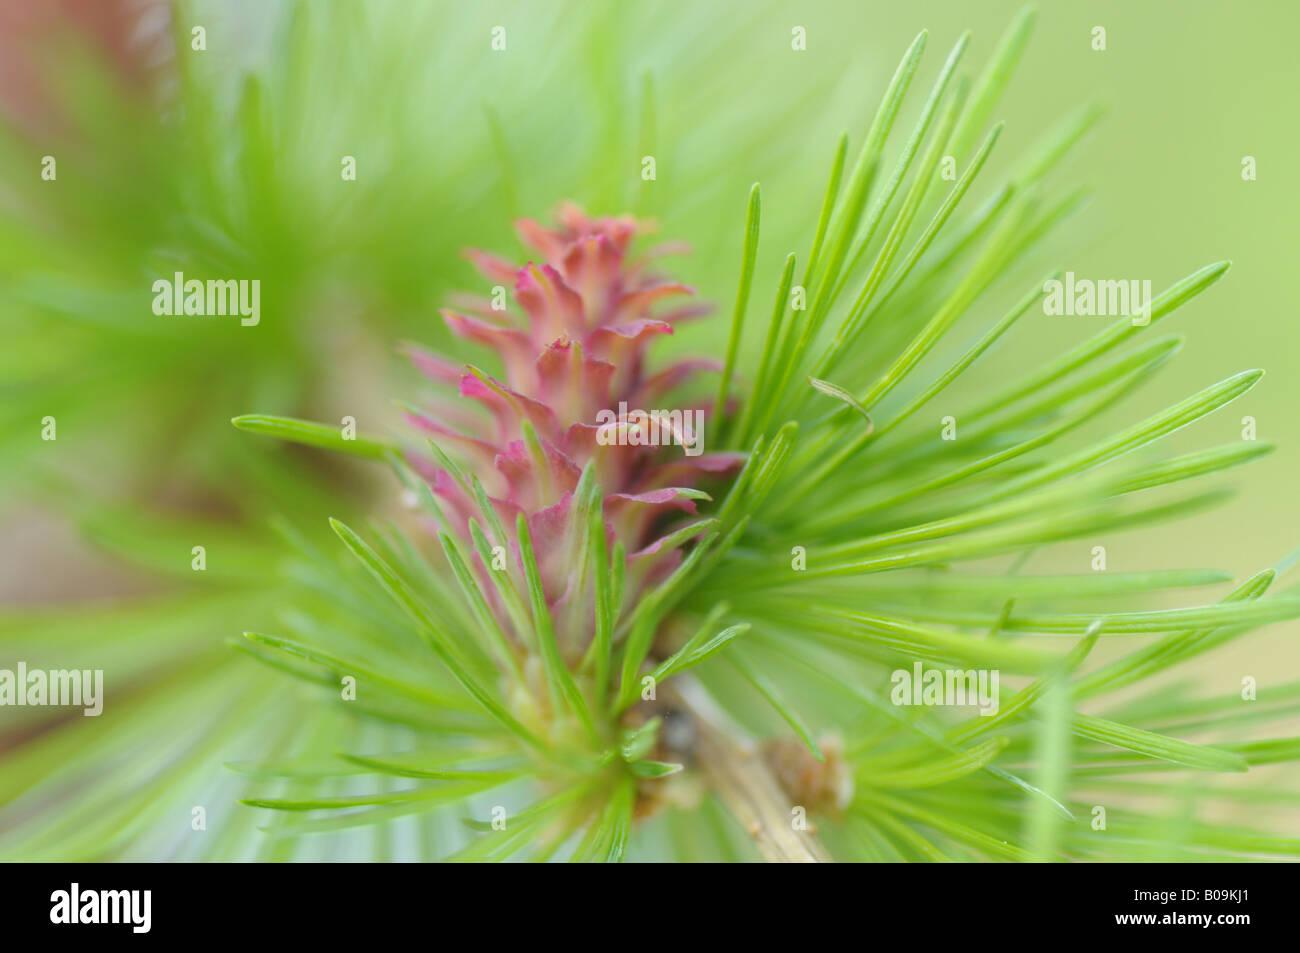 La fleur femelle d'un mélèze (Larix decidua) Banque D'Images